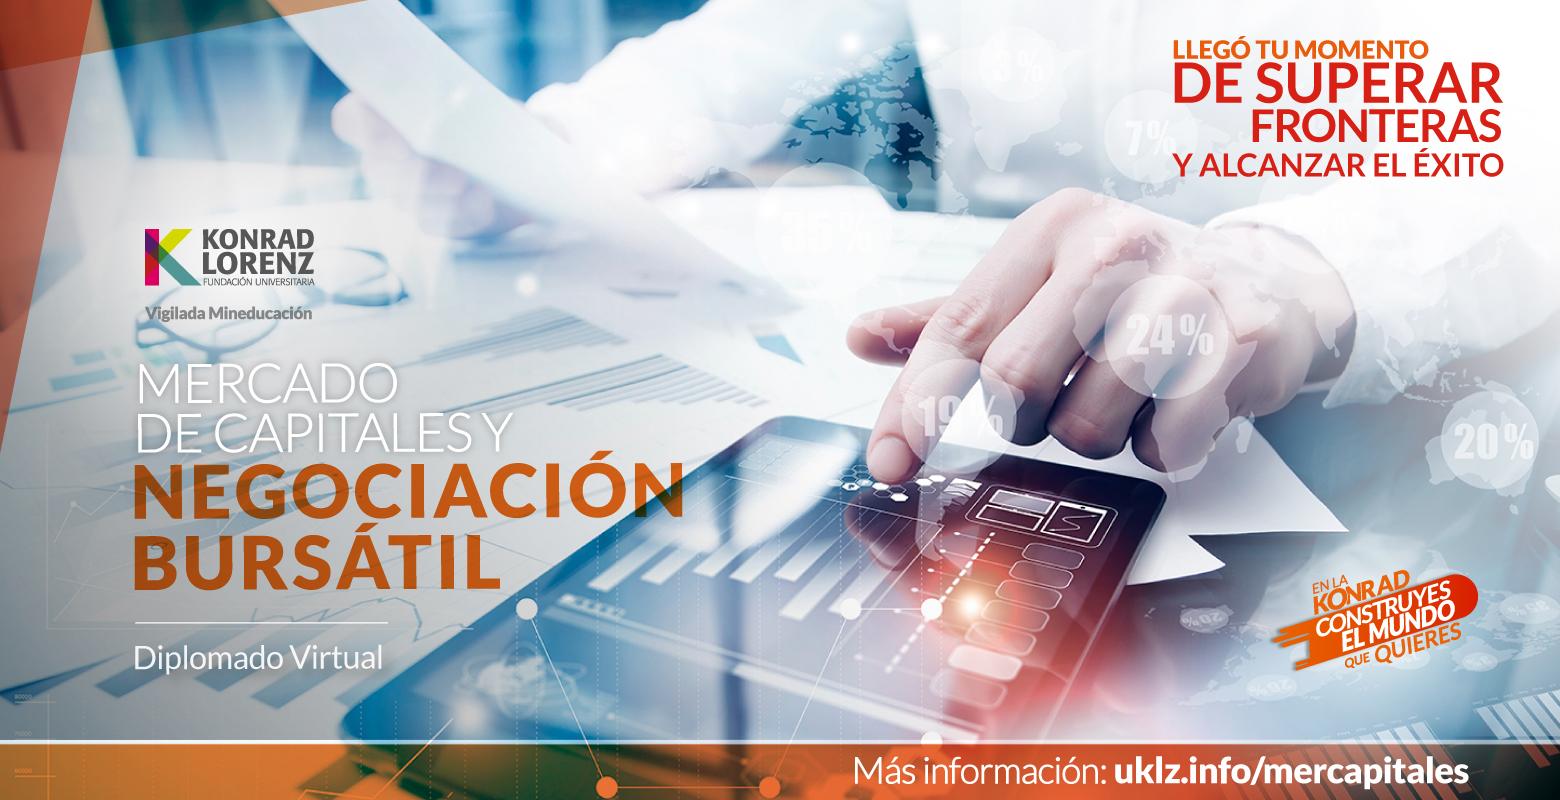 Diplomado Virtual en Mercado de Capitales y Negociación Bursátil